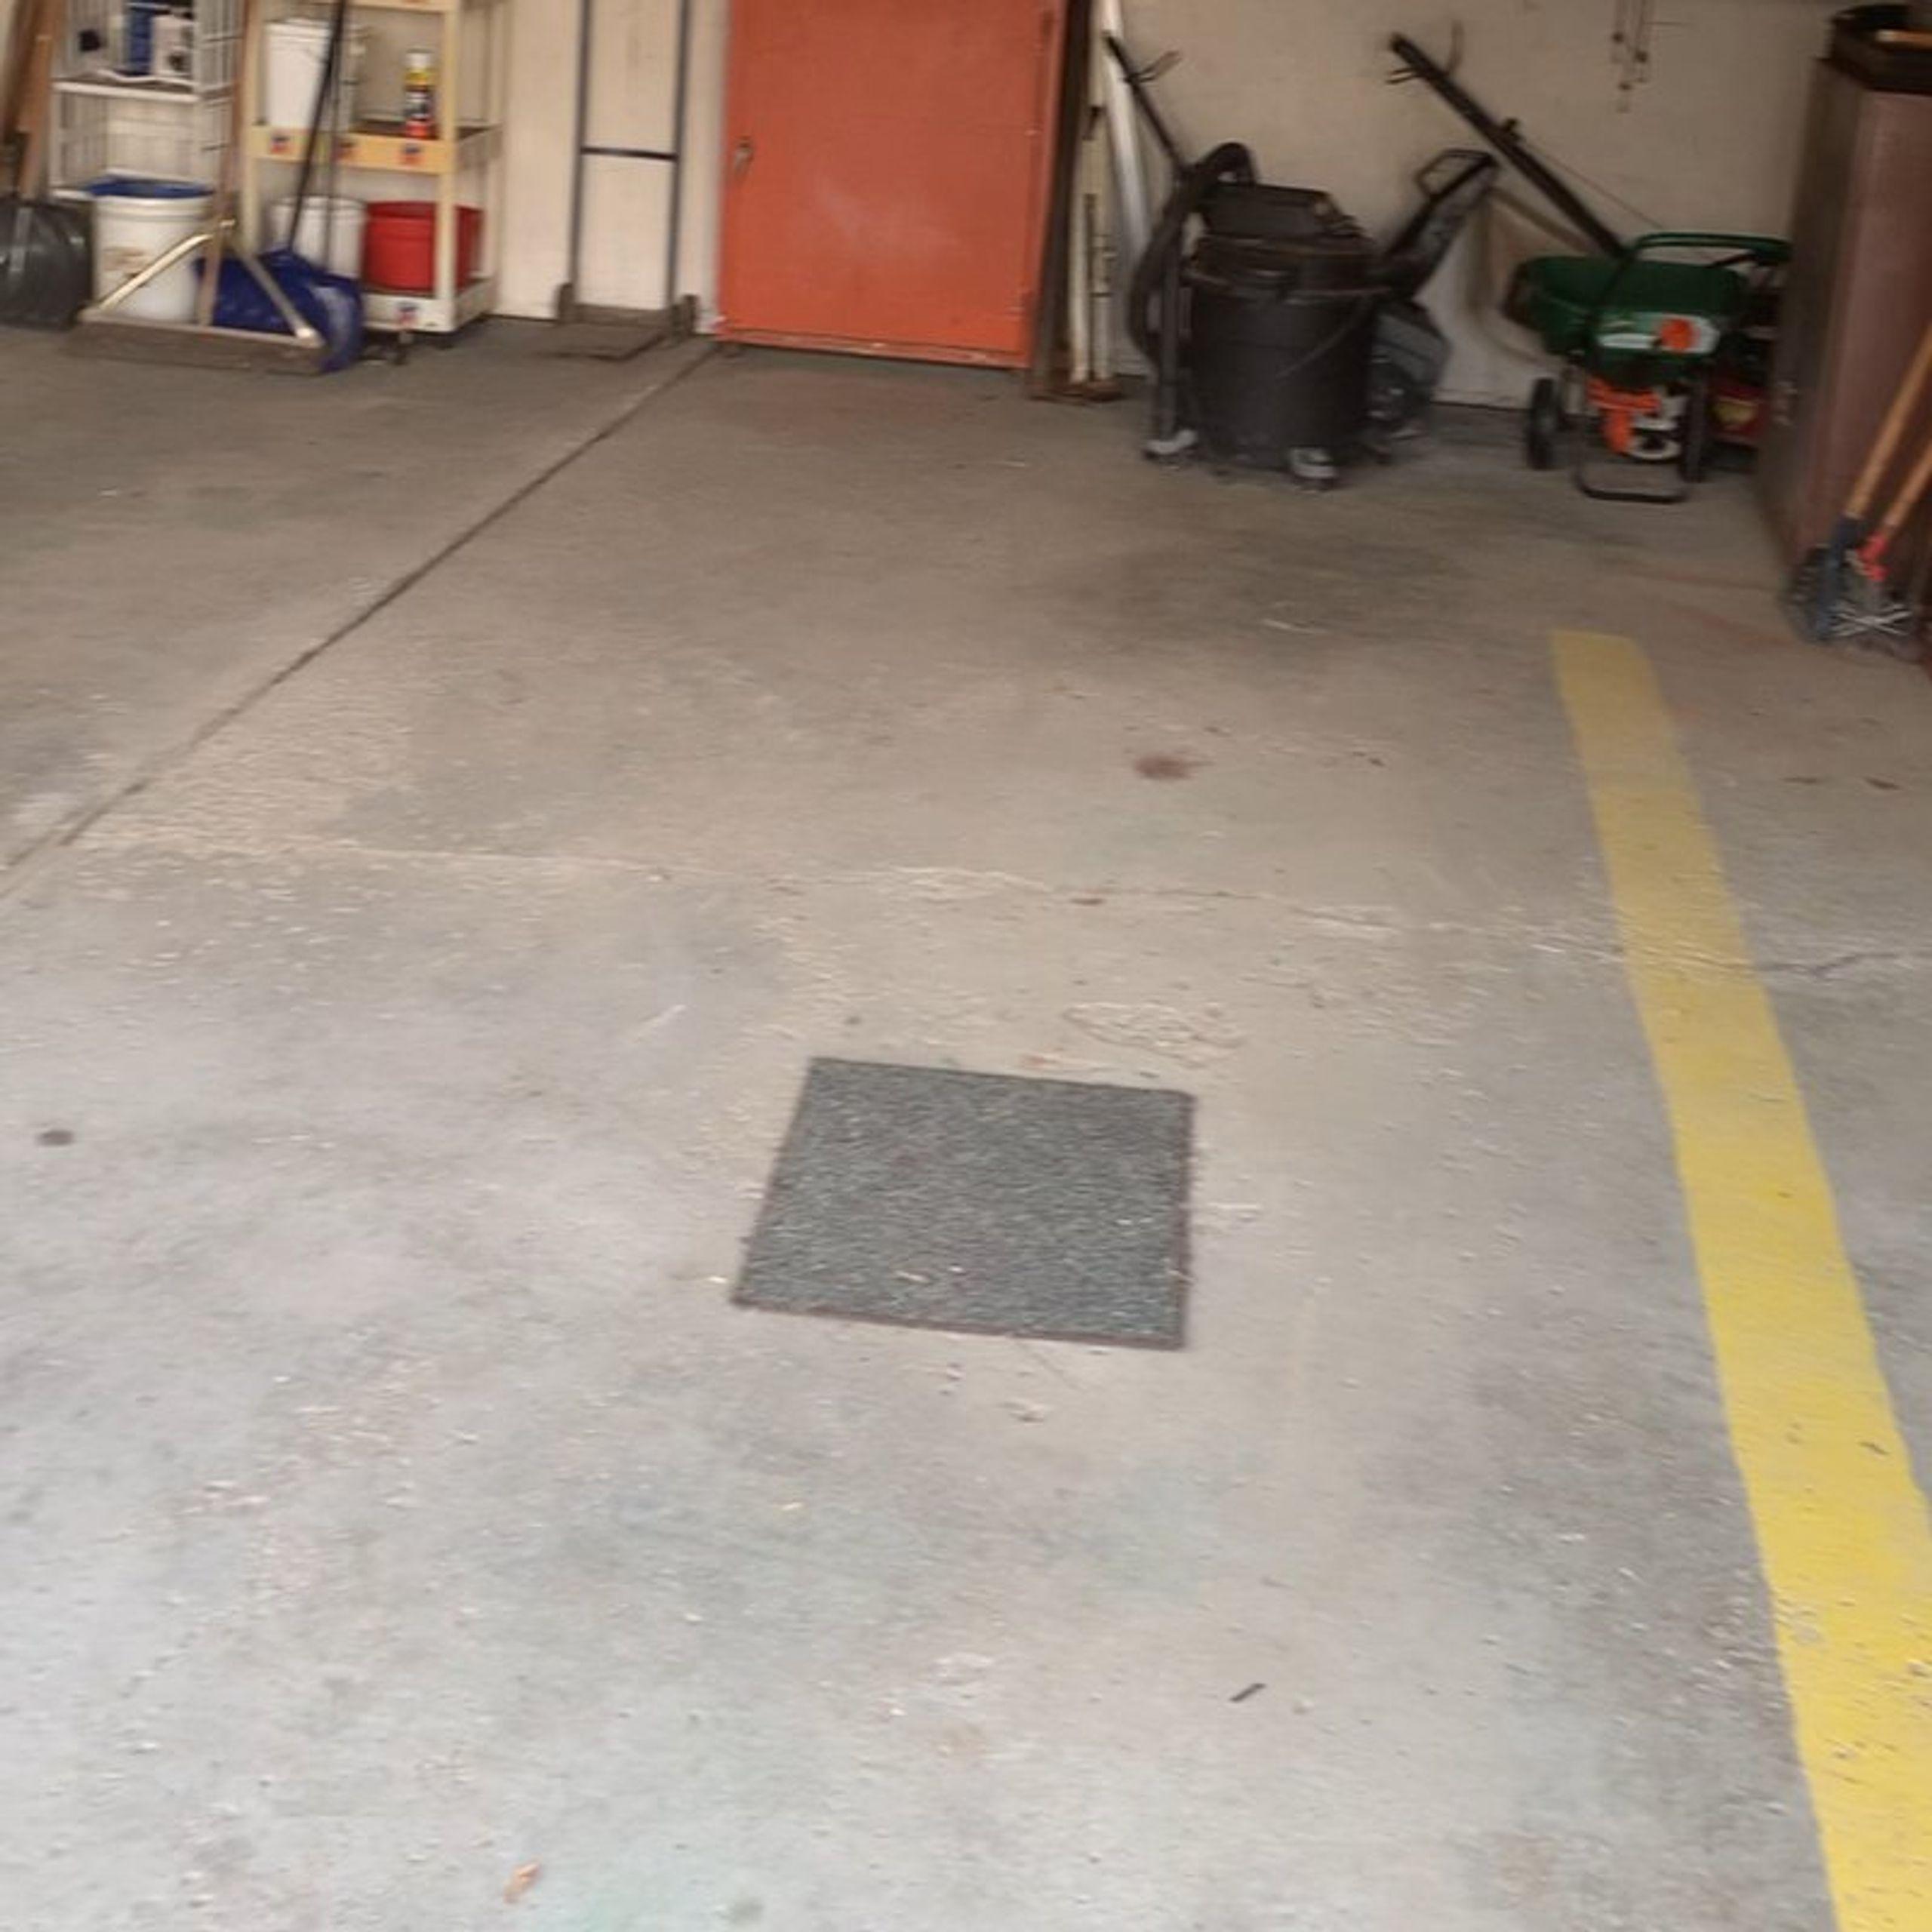 15x20 Garage self storage unit